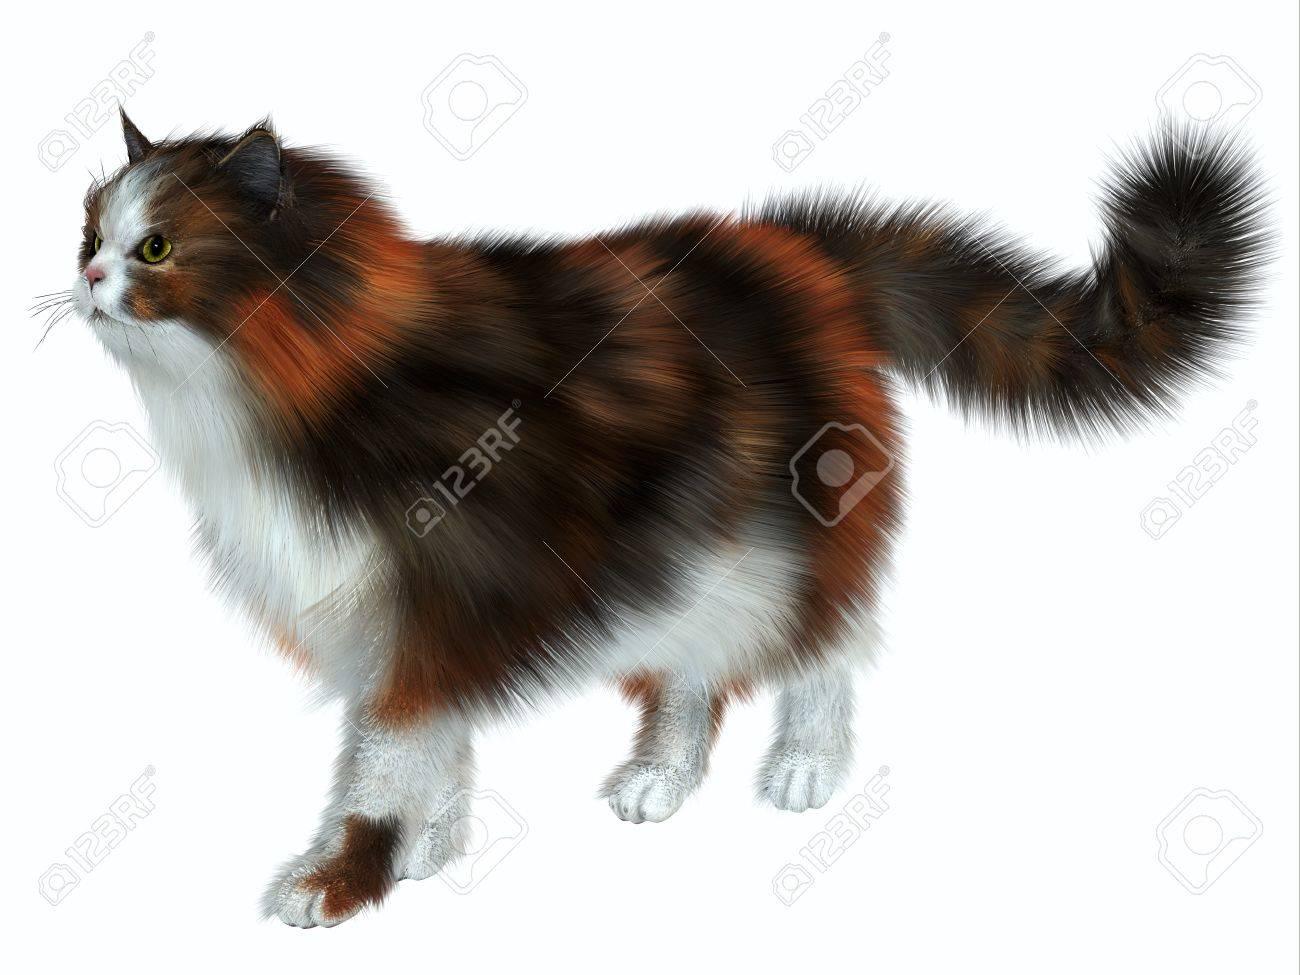 Calico Deux Une Blanche Avec Domestique Couleur Prédominance Cat Variation De Robe Le Chat La Couleurs A Autres T1lKFcJ